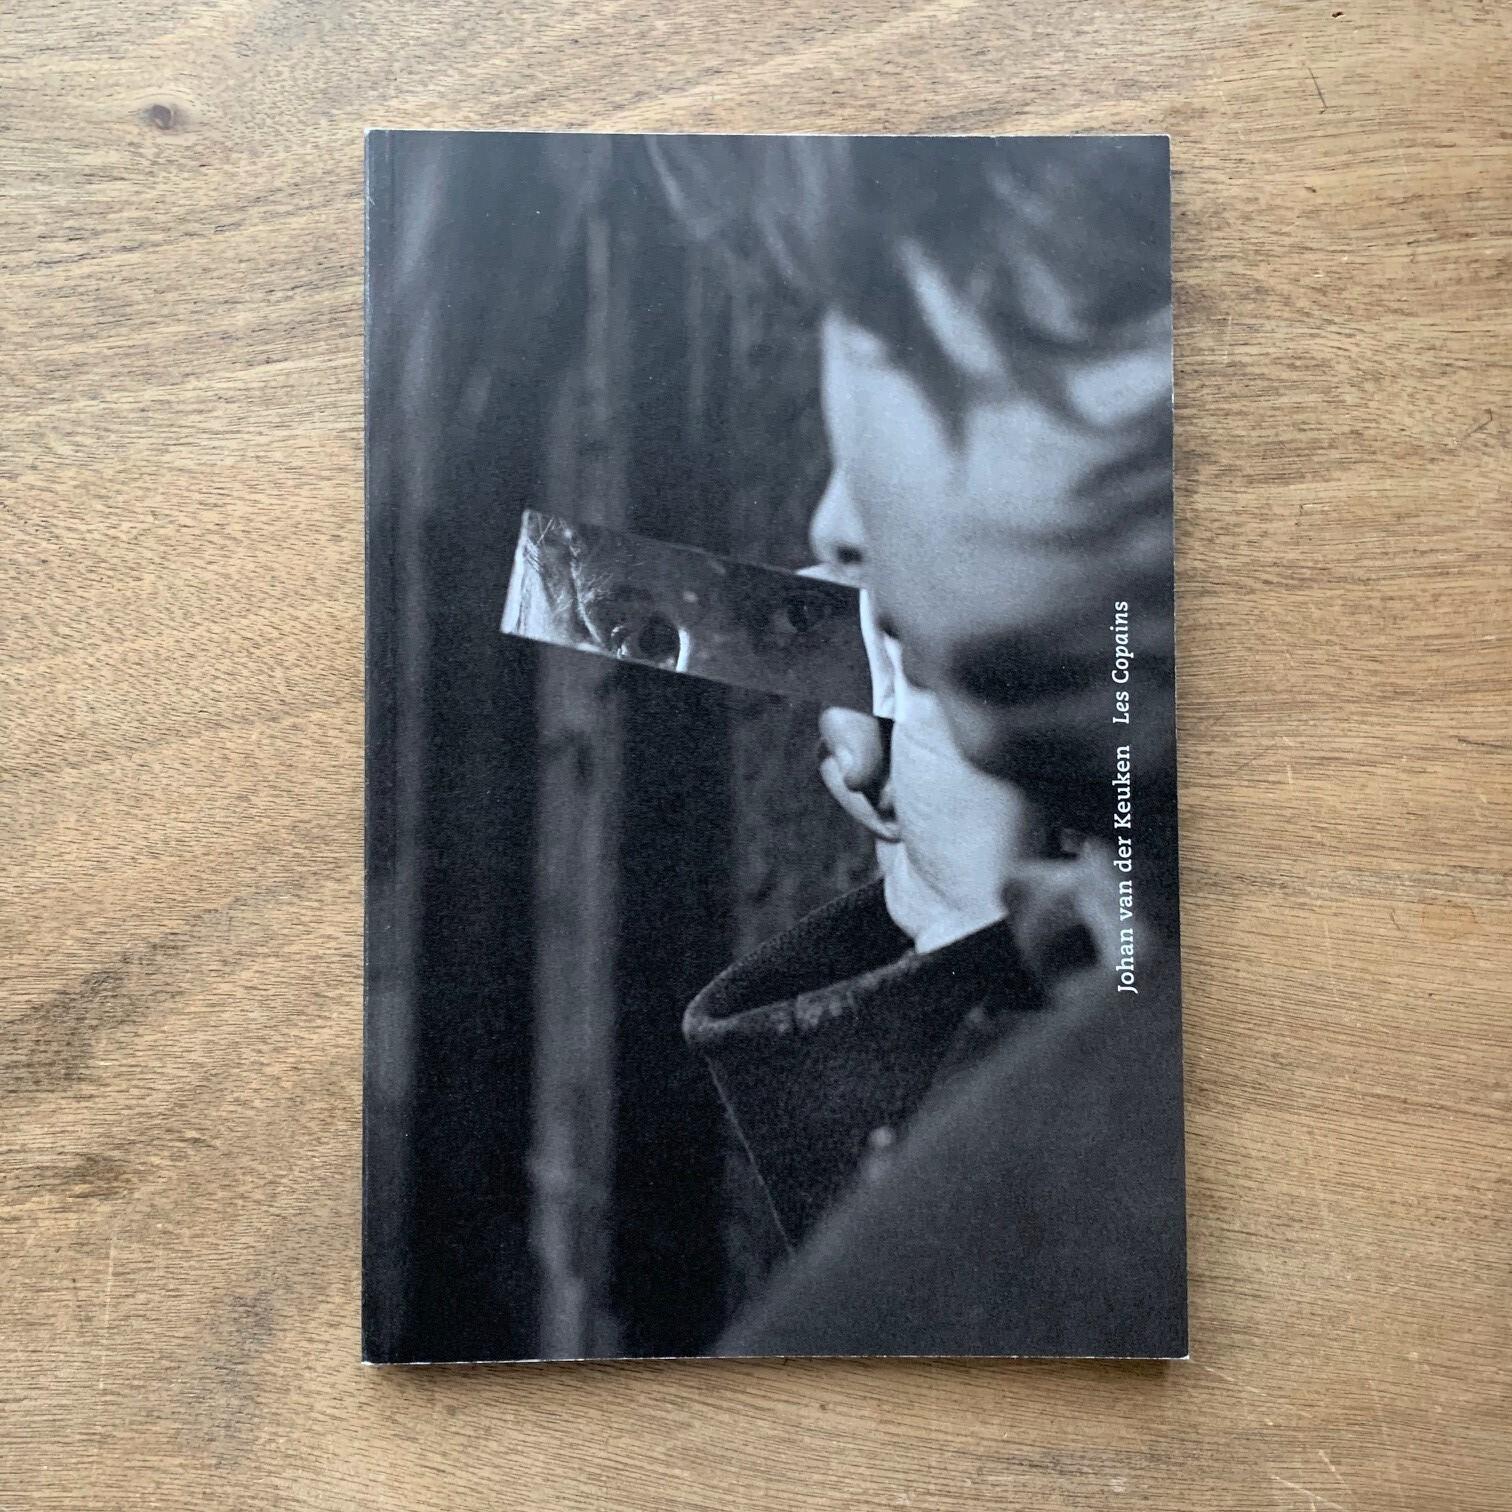 『Les Copains』/ Johan van der Keuken  / ヨハン・ファン・デル・クーケン